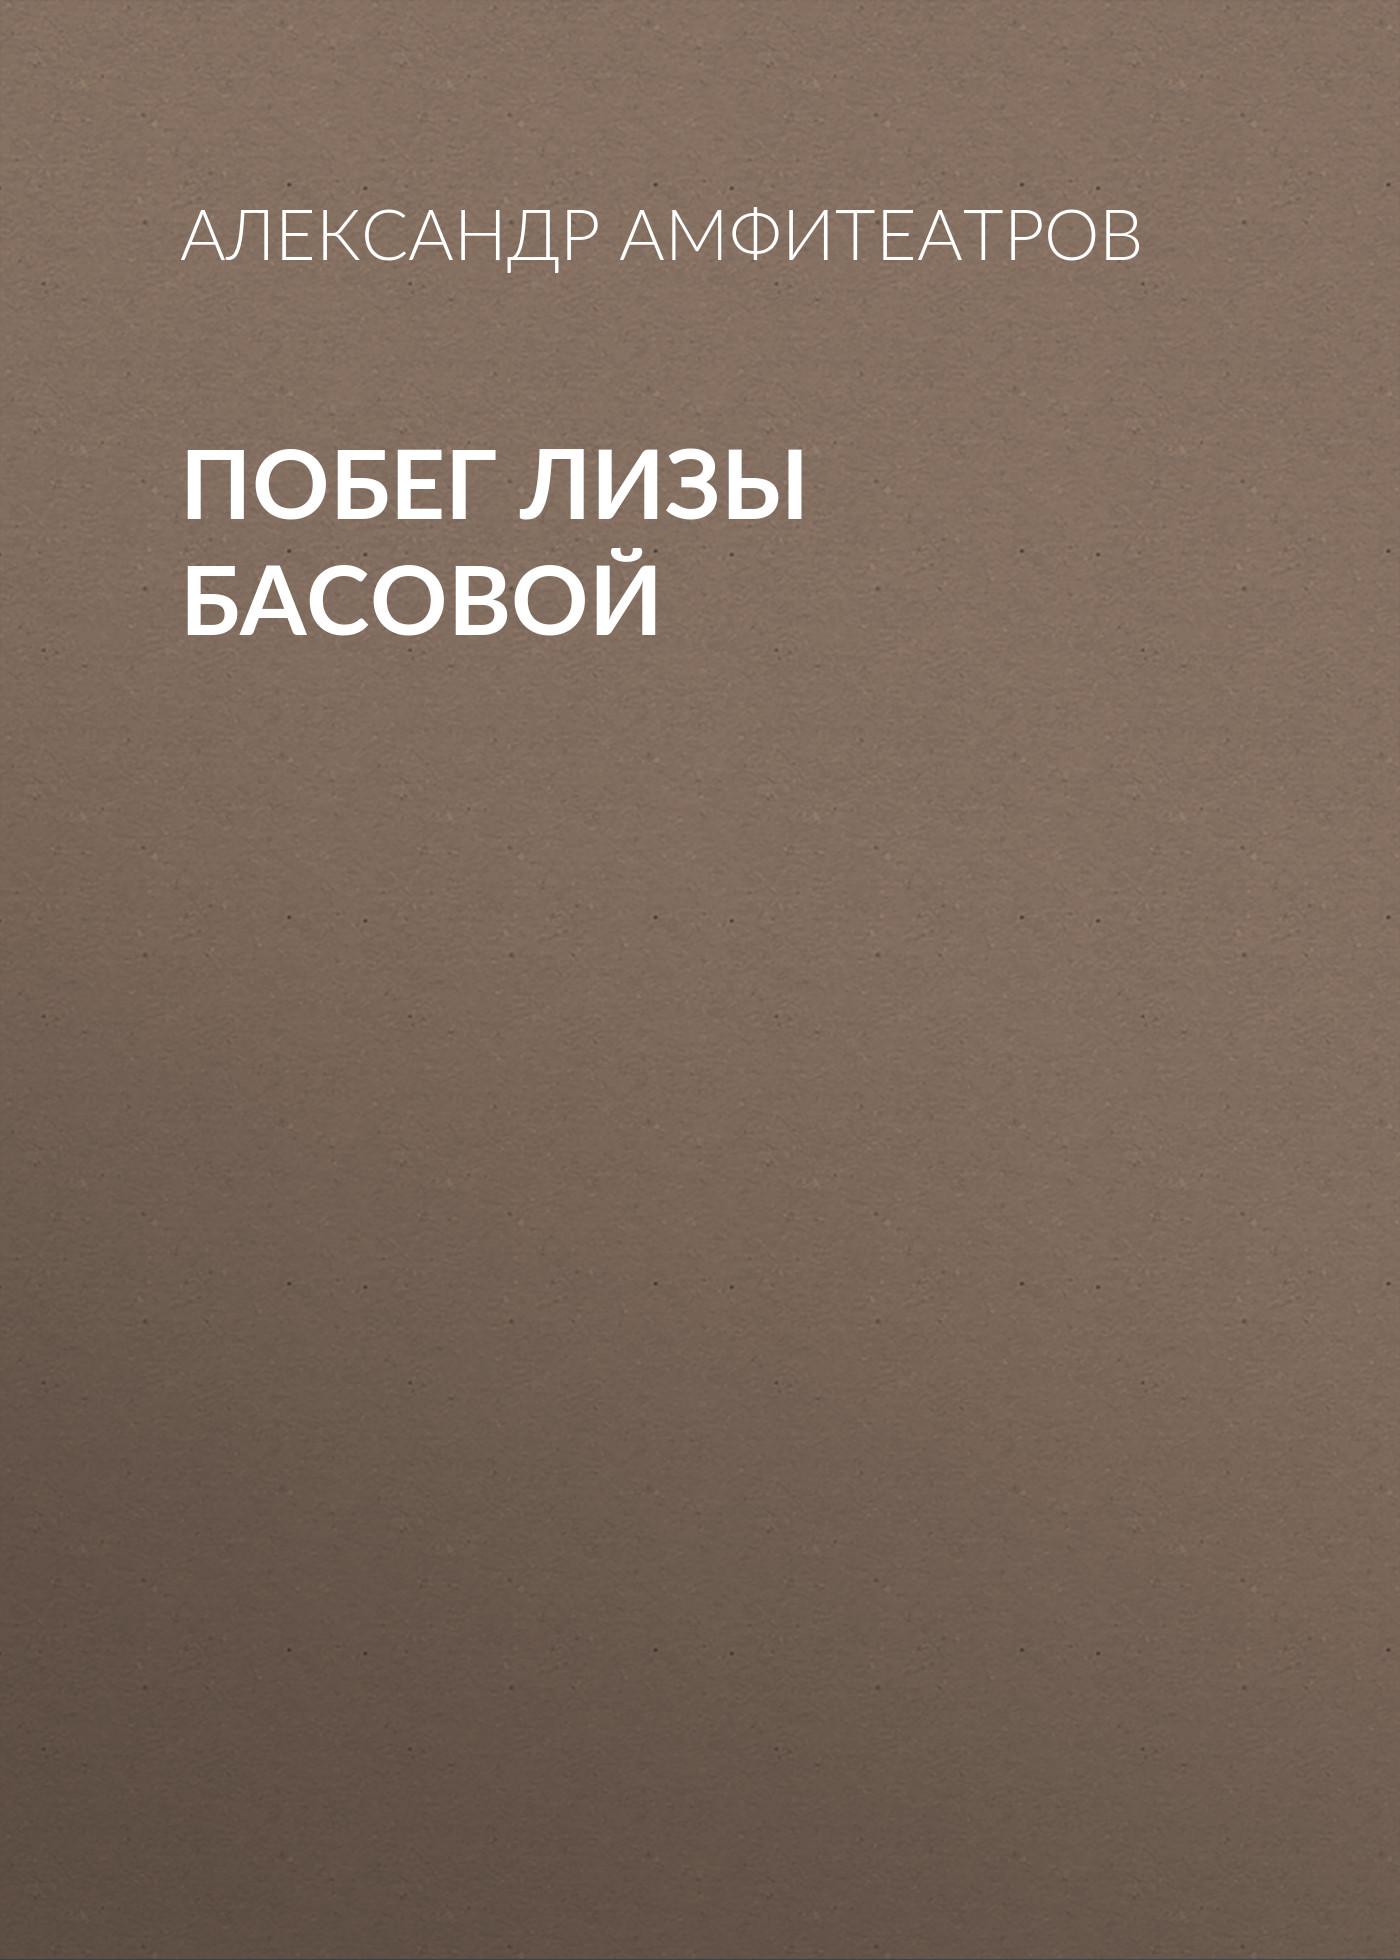 Побег Лизы Басовой